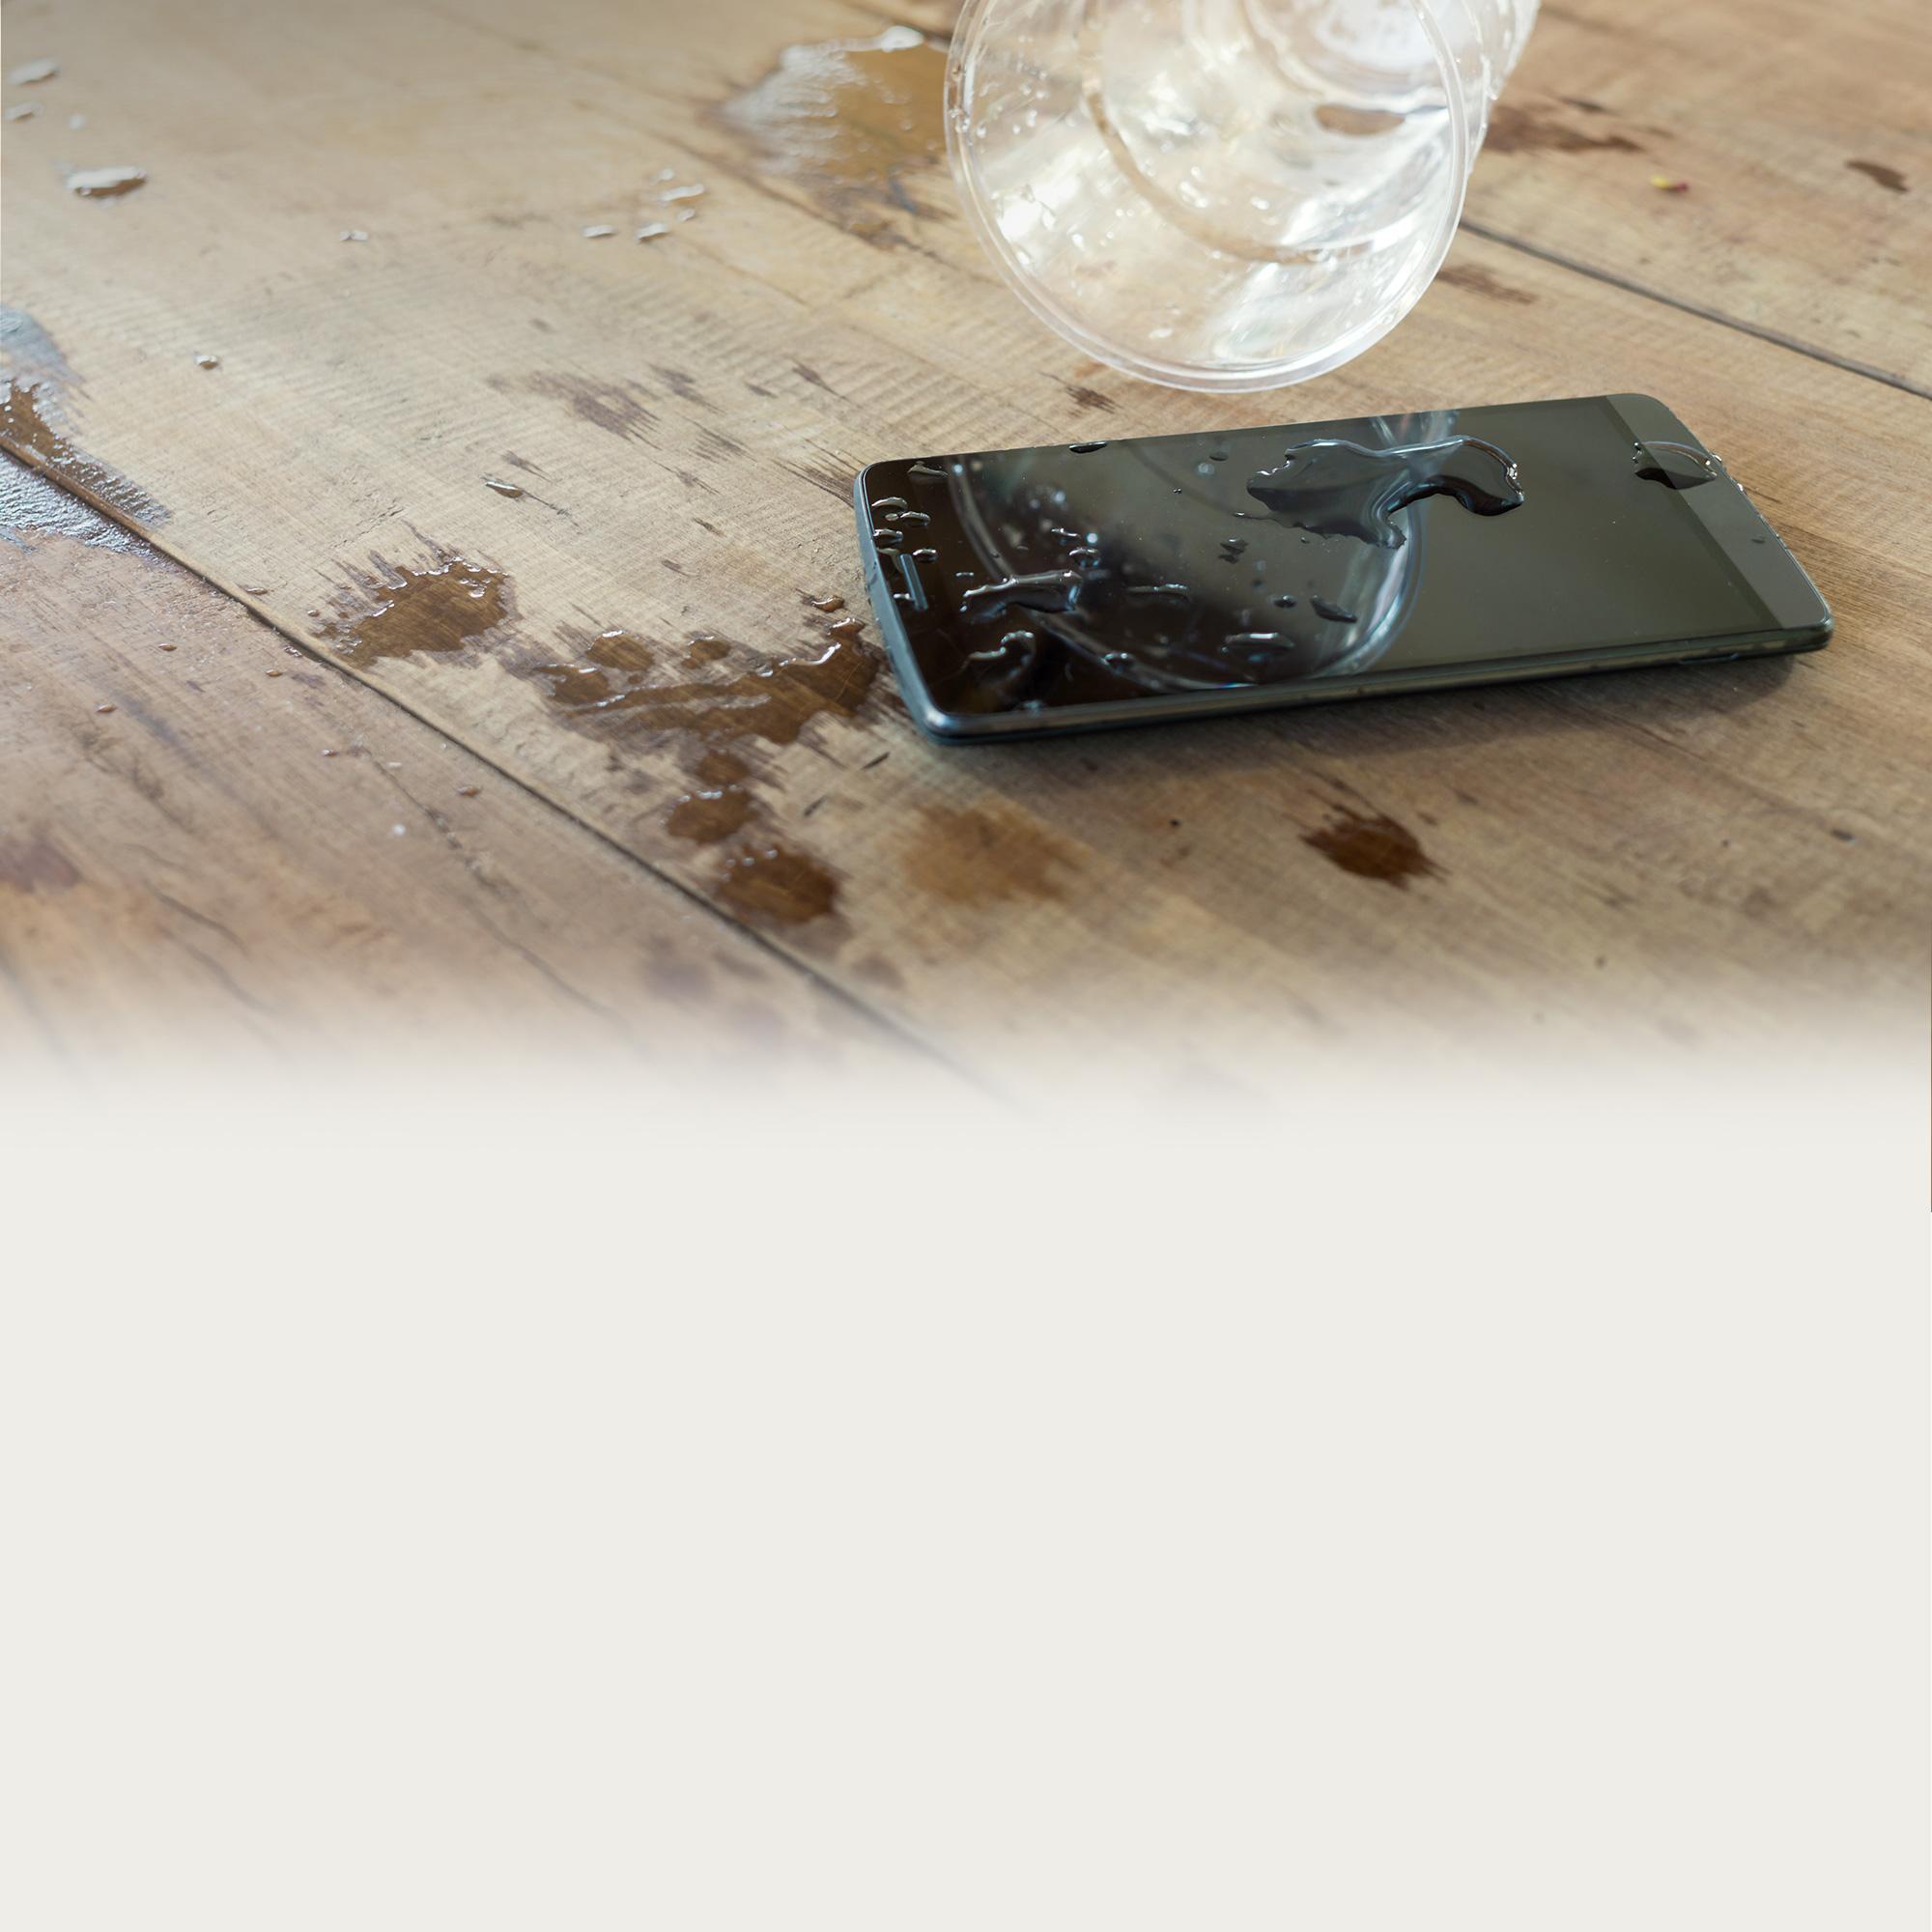 Rundumschutz fürs Smartphone: Wann lohnen sich Geräteversicherungen?